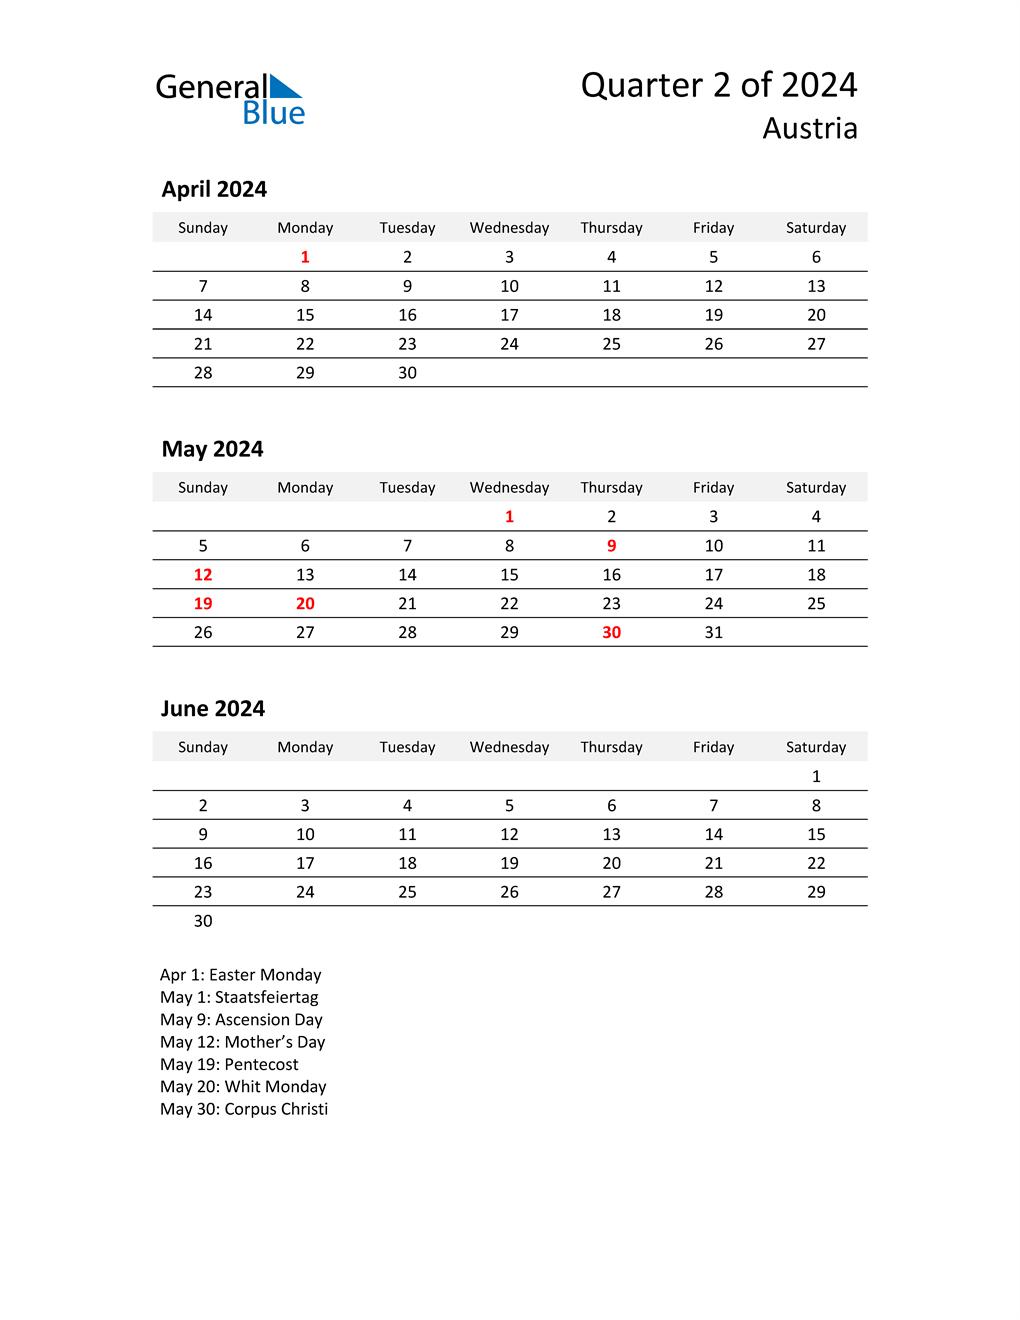 2024 Three-Month Calendar for Austria